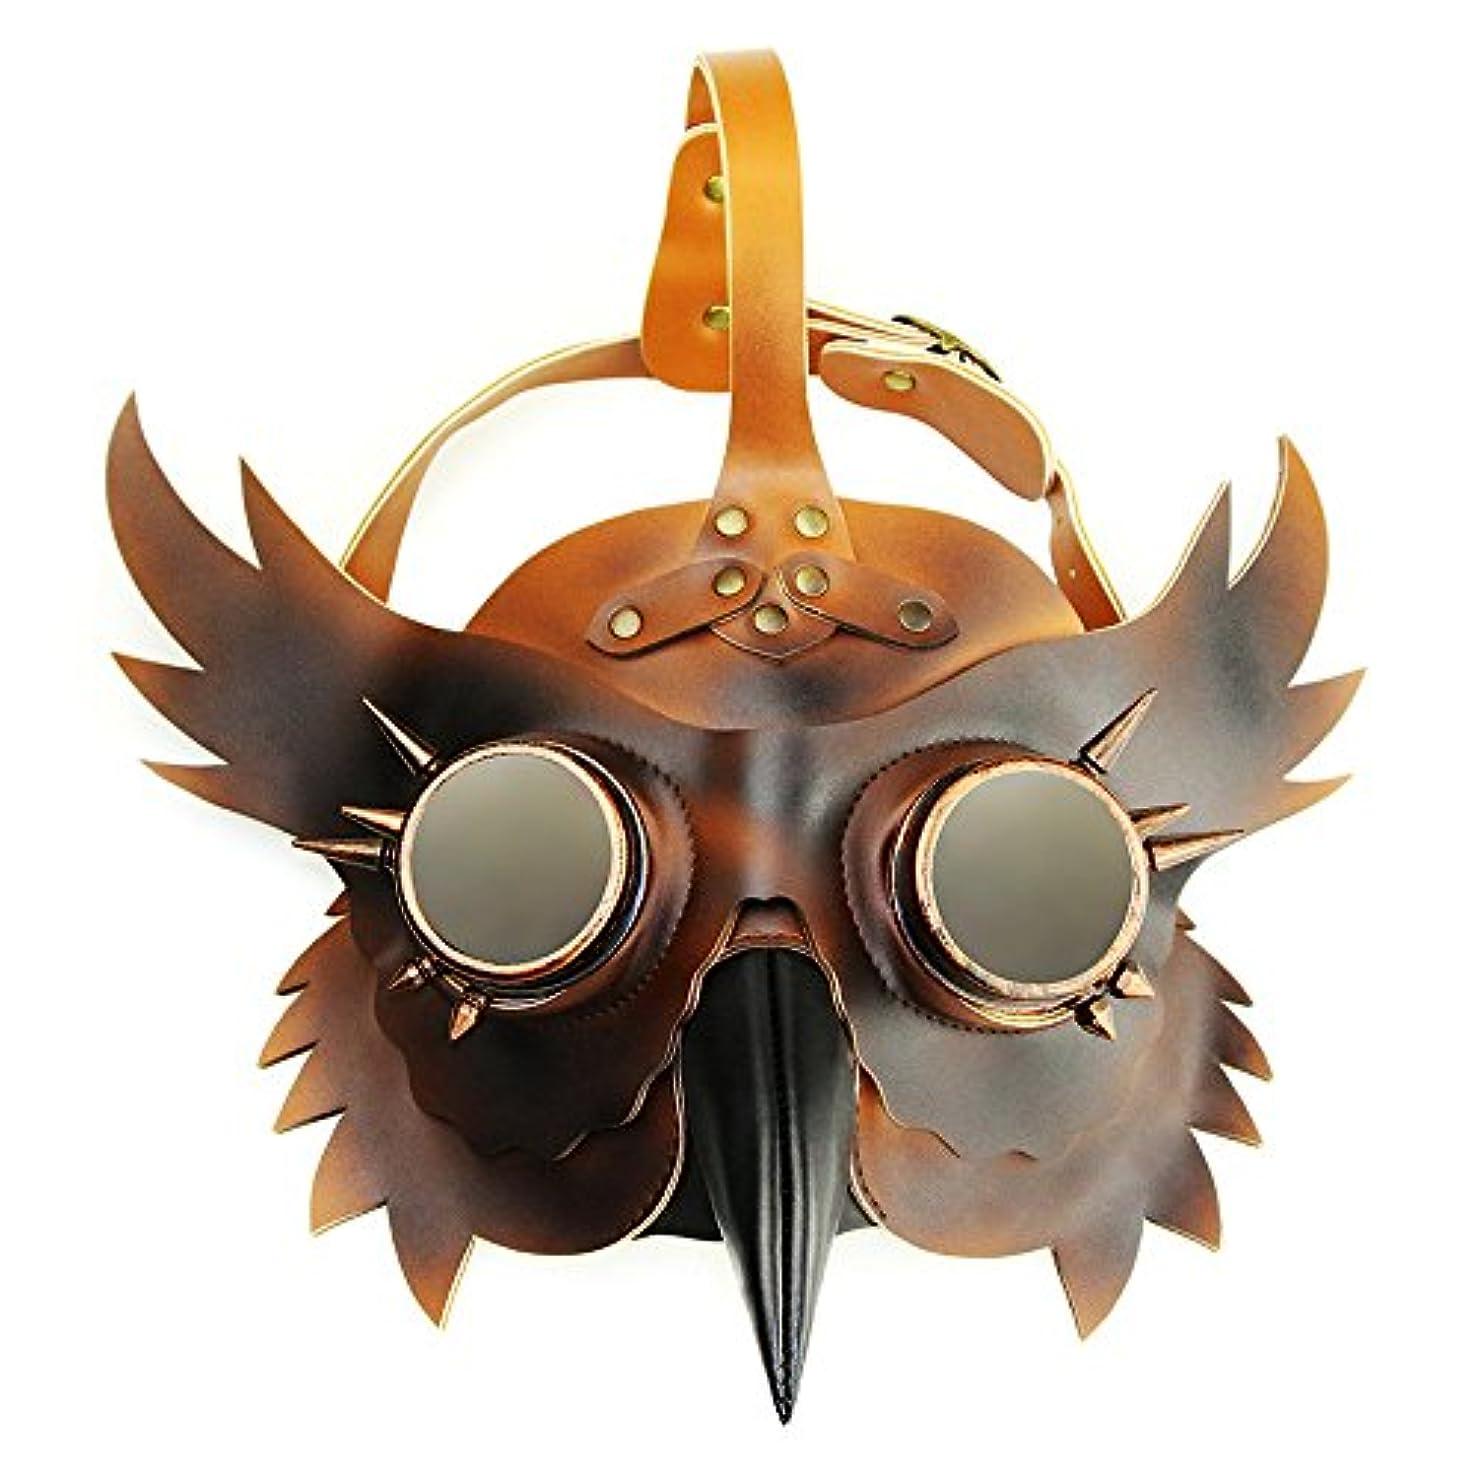 回答ナチュラ敬意を表してくちばしマスクハロウィン小道具ギフト仮面舞踏会マスク